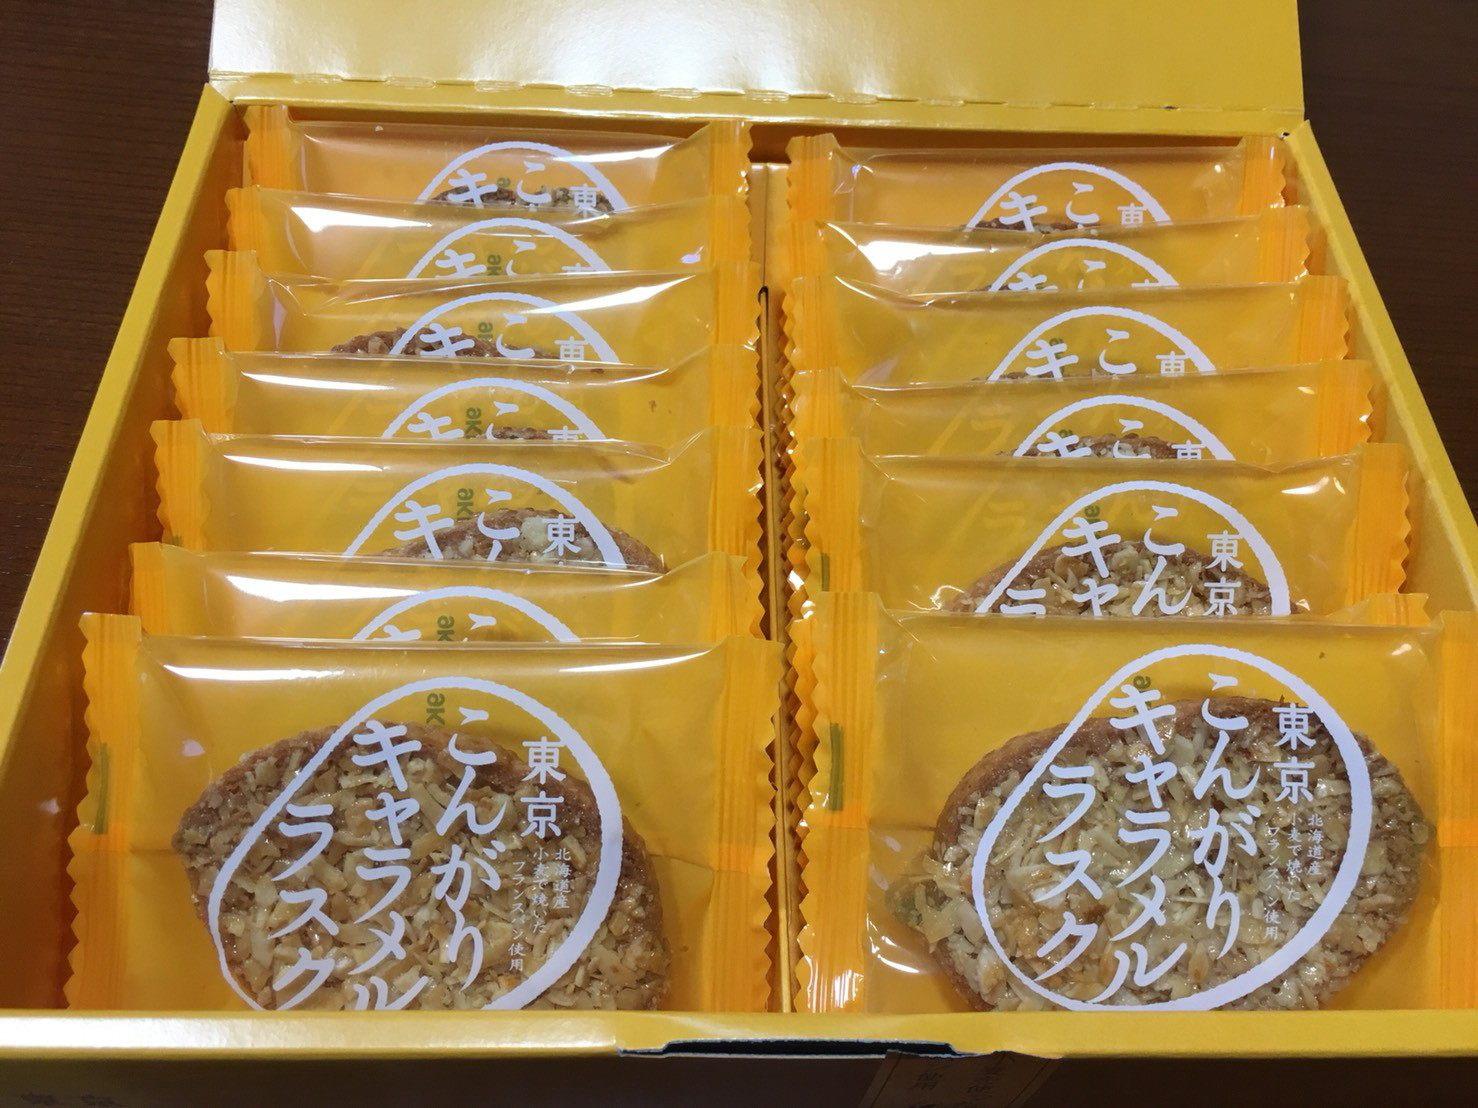 14個裝1080日圓(含稅)